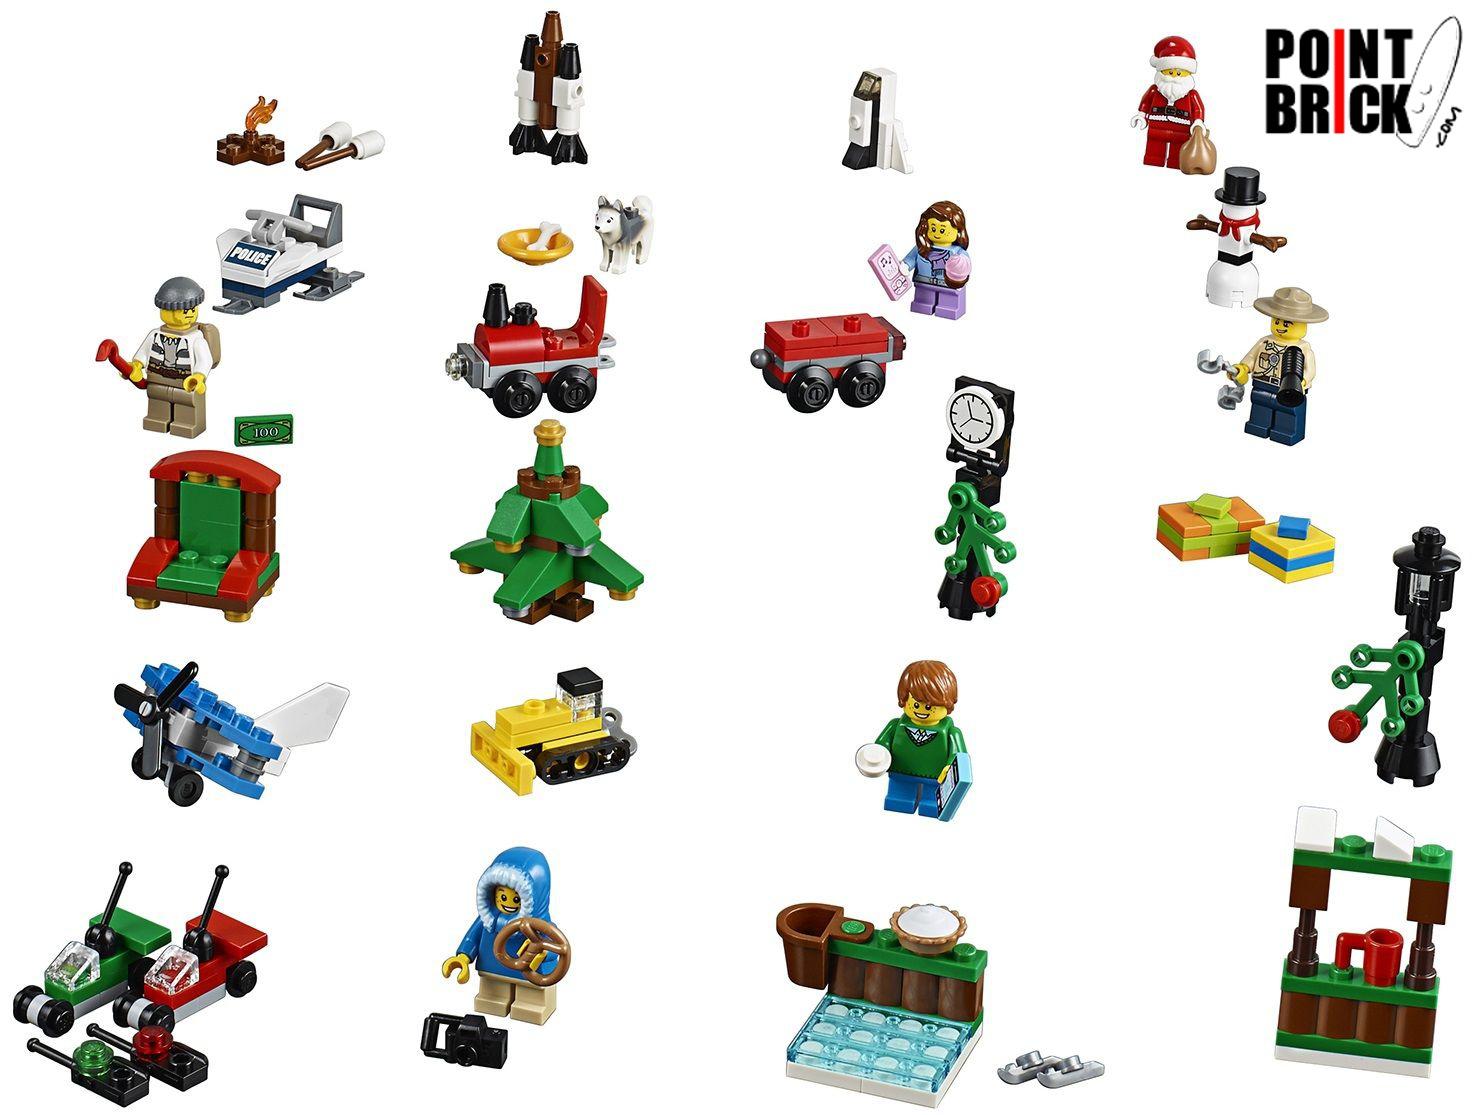 Calendario Avvento Lego City.Point Brick Blog Da Collezione Lego Calendario Dell